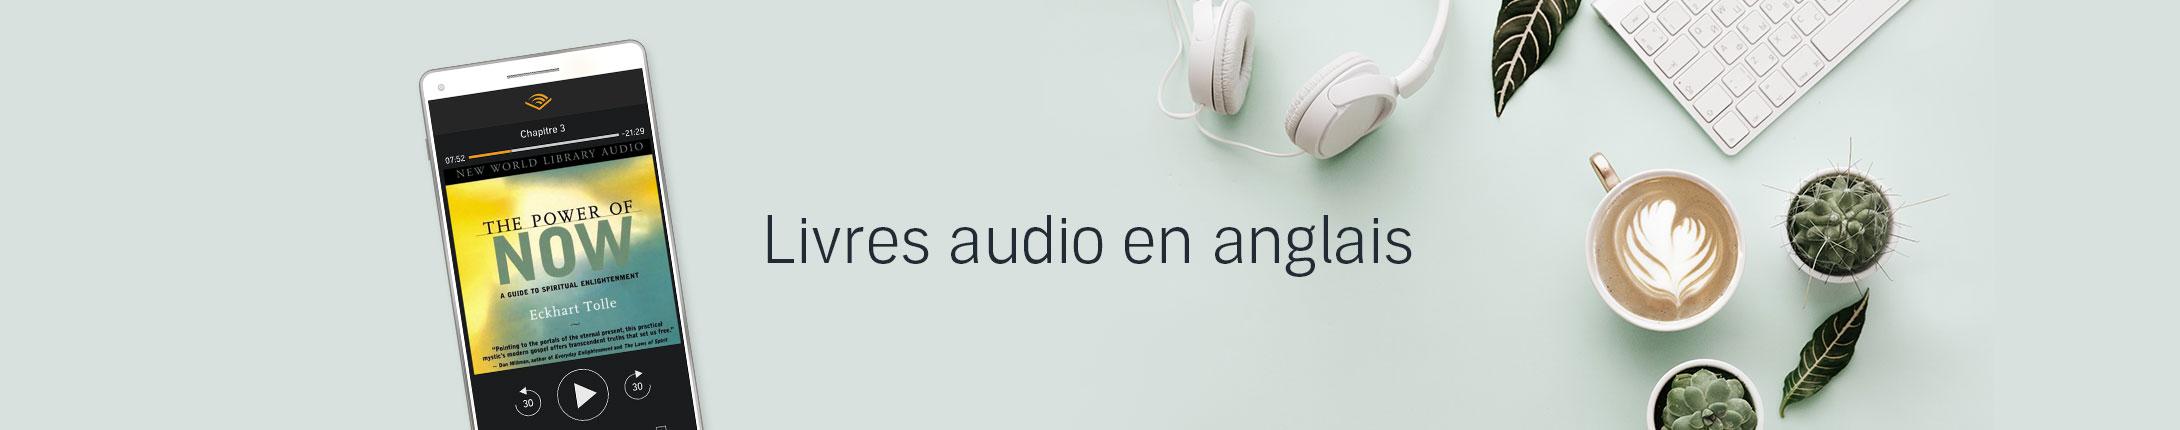 Livres audio en anglais - Le coin des Audiobookworms * Accros d'audio anglophones